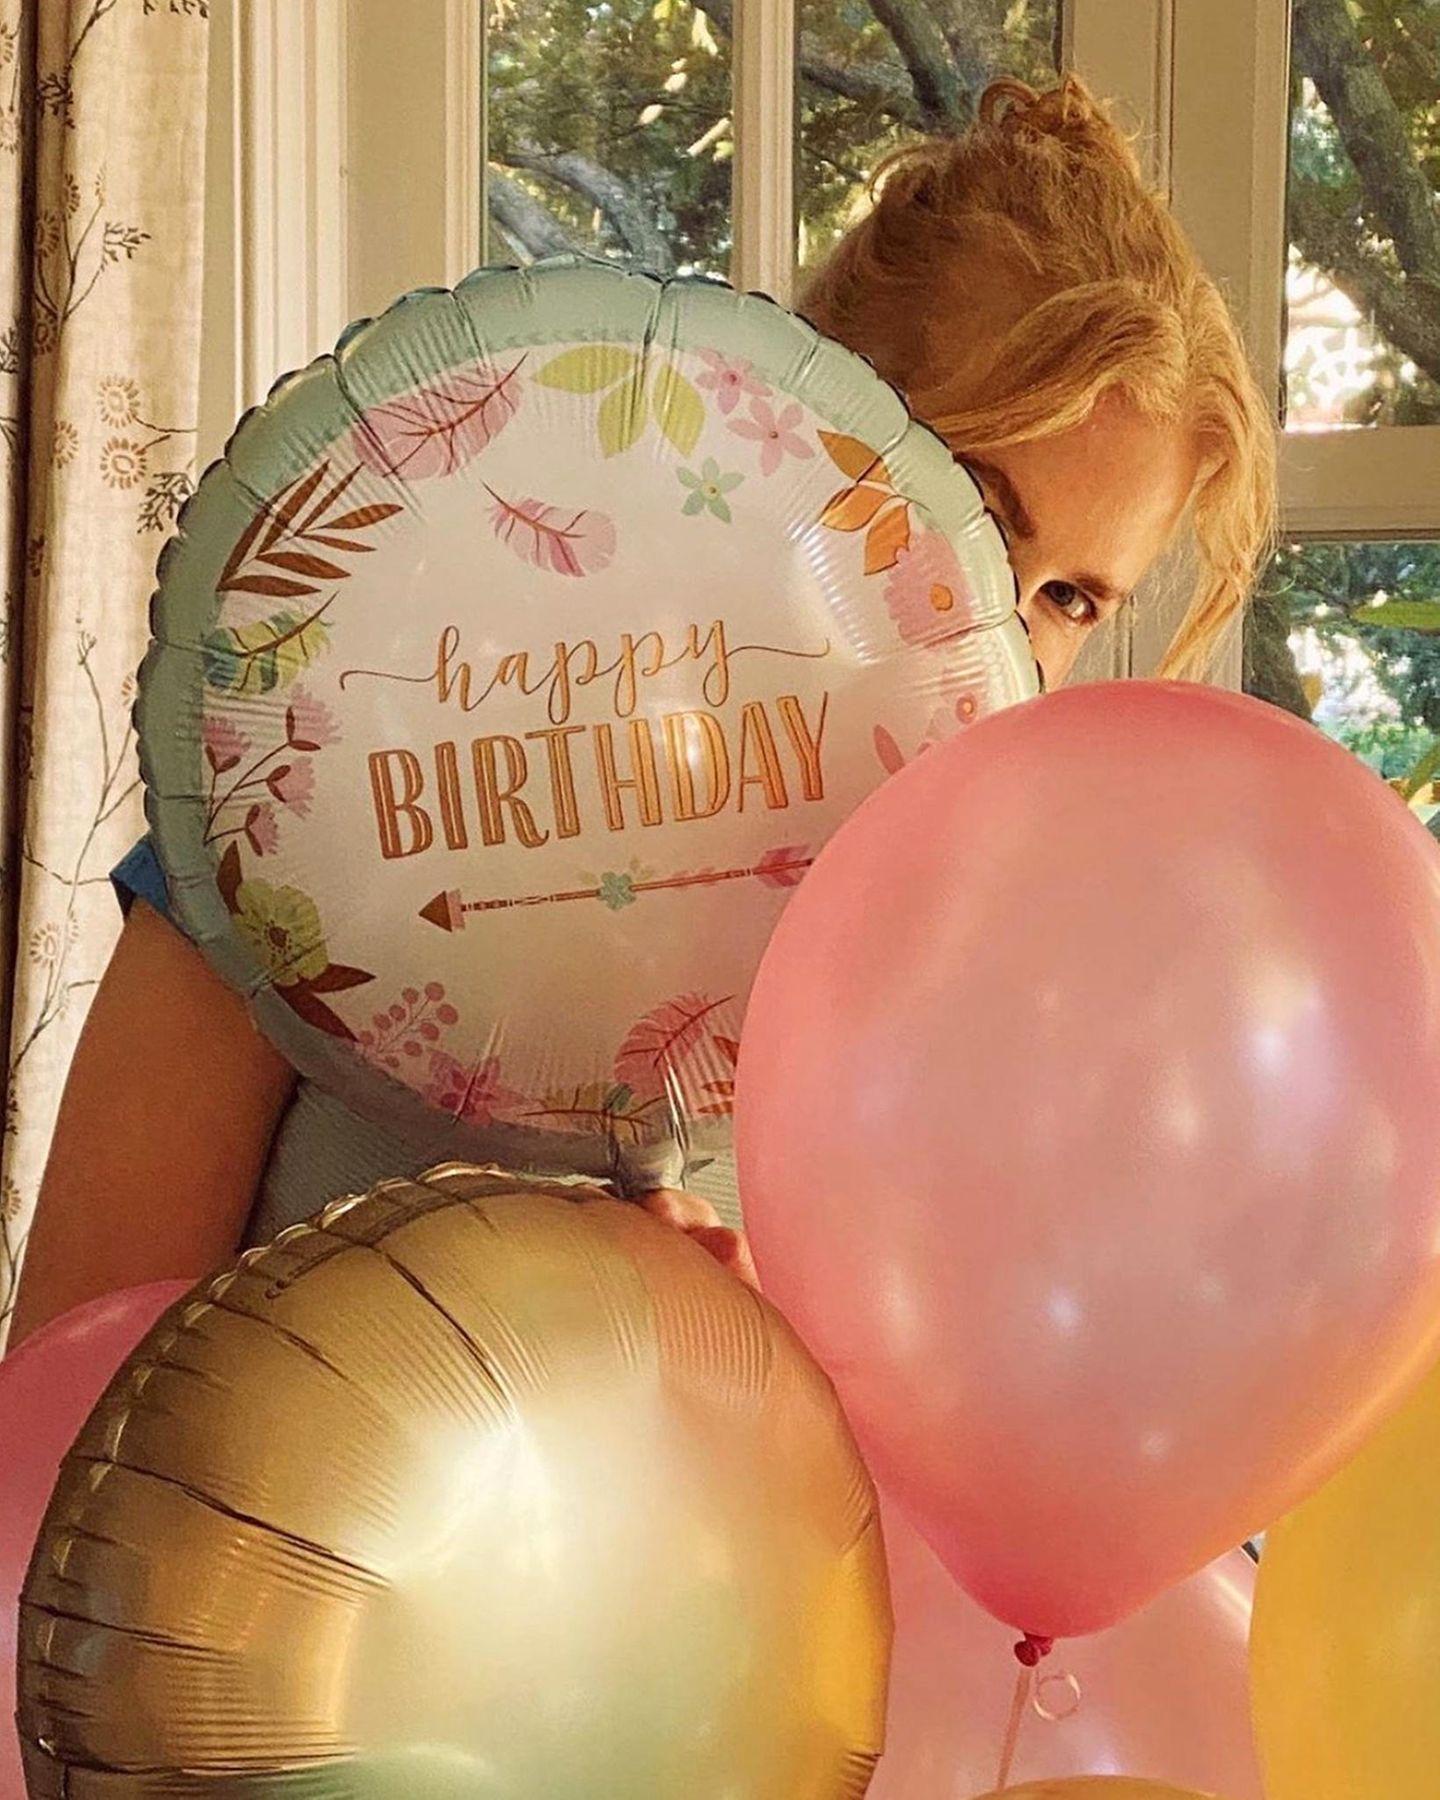 20.Juni 2020  Guck' mal, wer da feiert... Keith Urban gratuliert seiner Frau Nicole Kidman mit diesem süßen Bild zum 53. Geburtstag. Schade nur, dass siehinter den großen Luftballons kaum zu sehen.